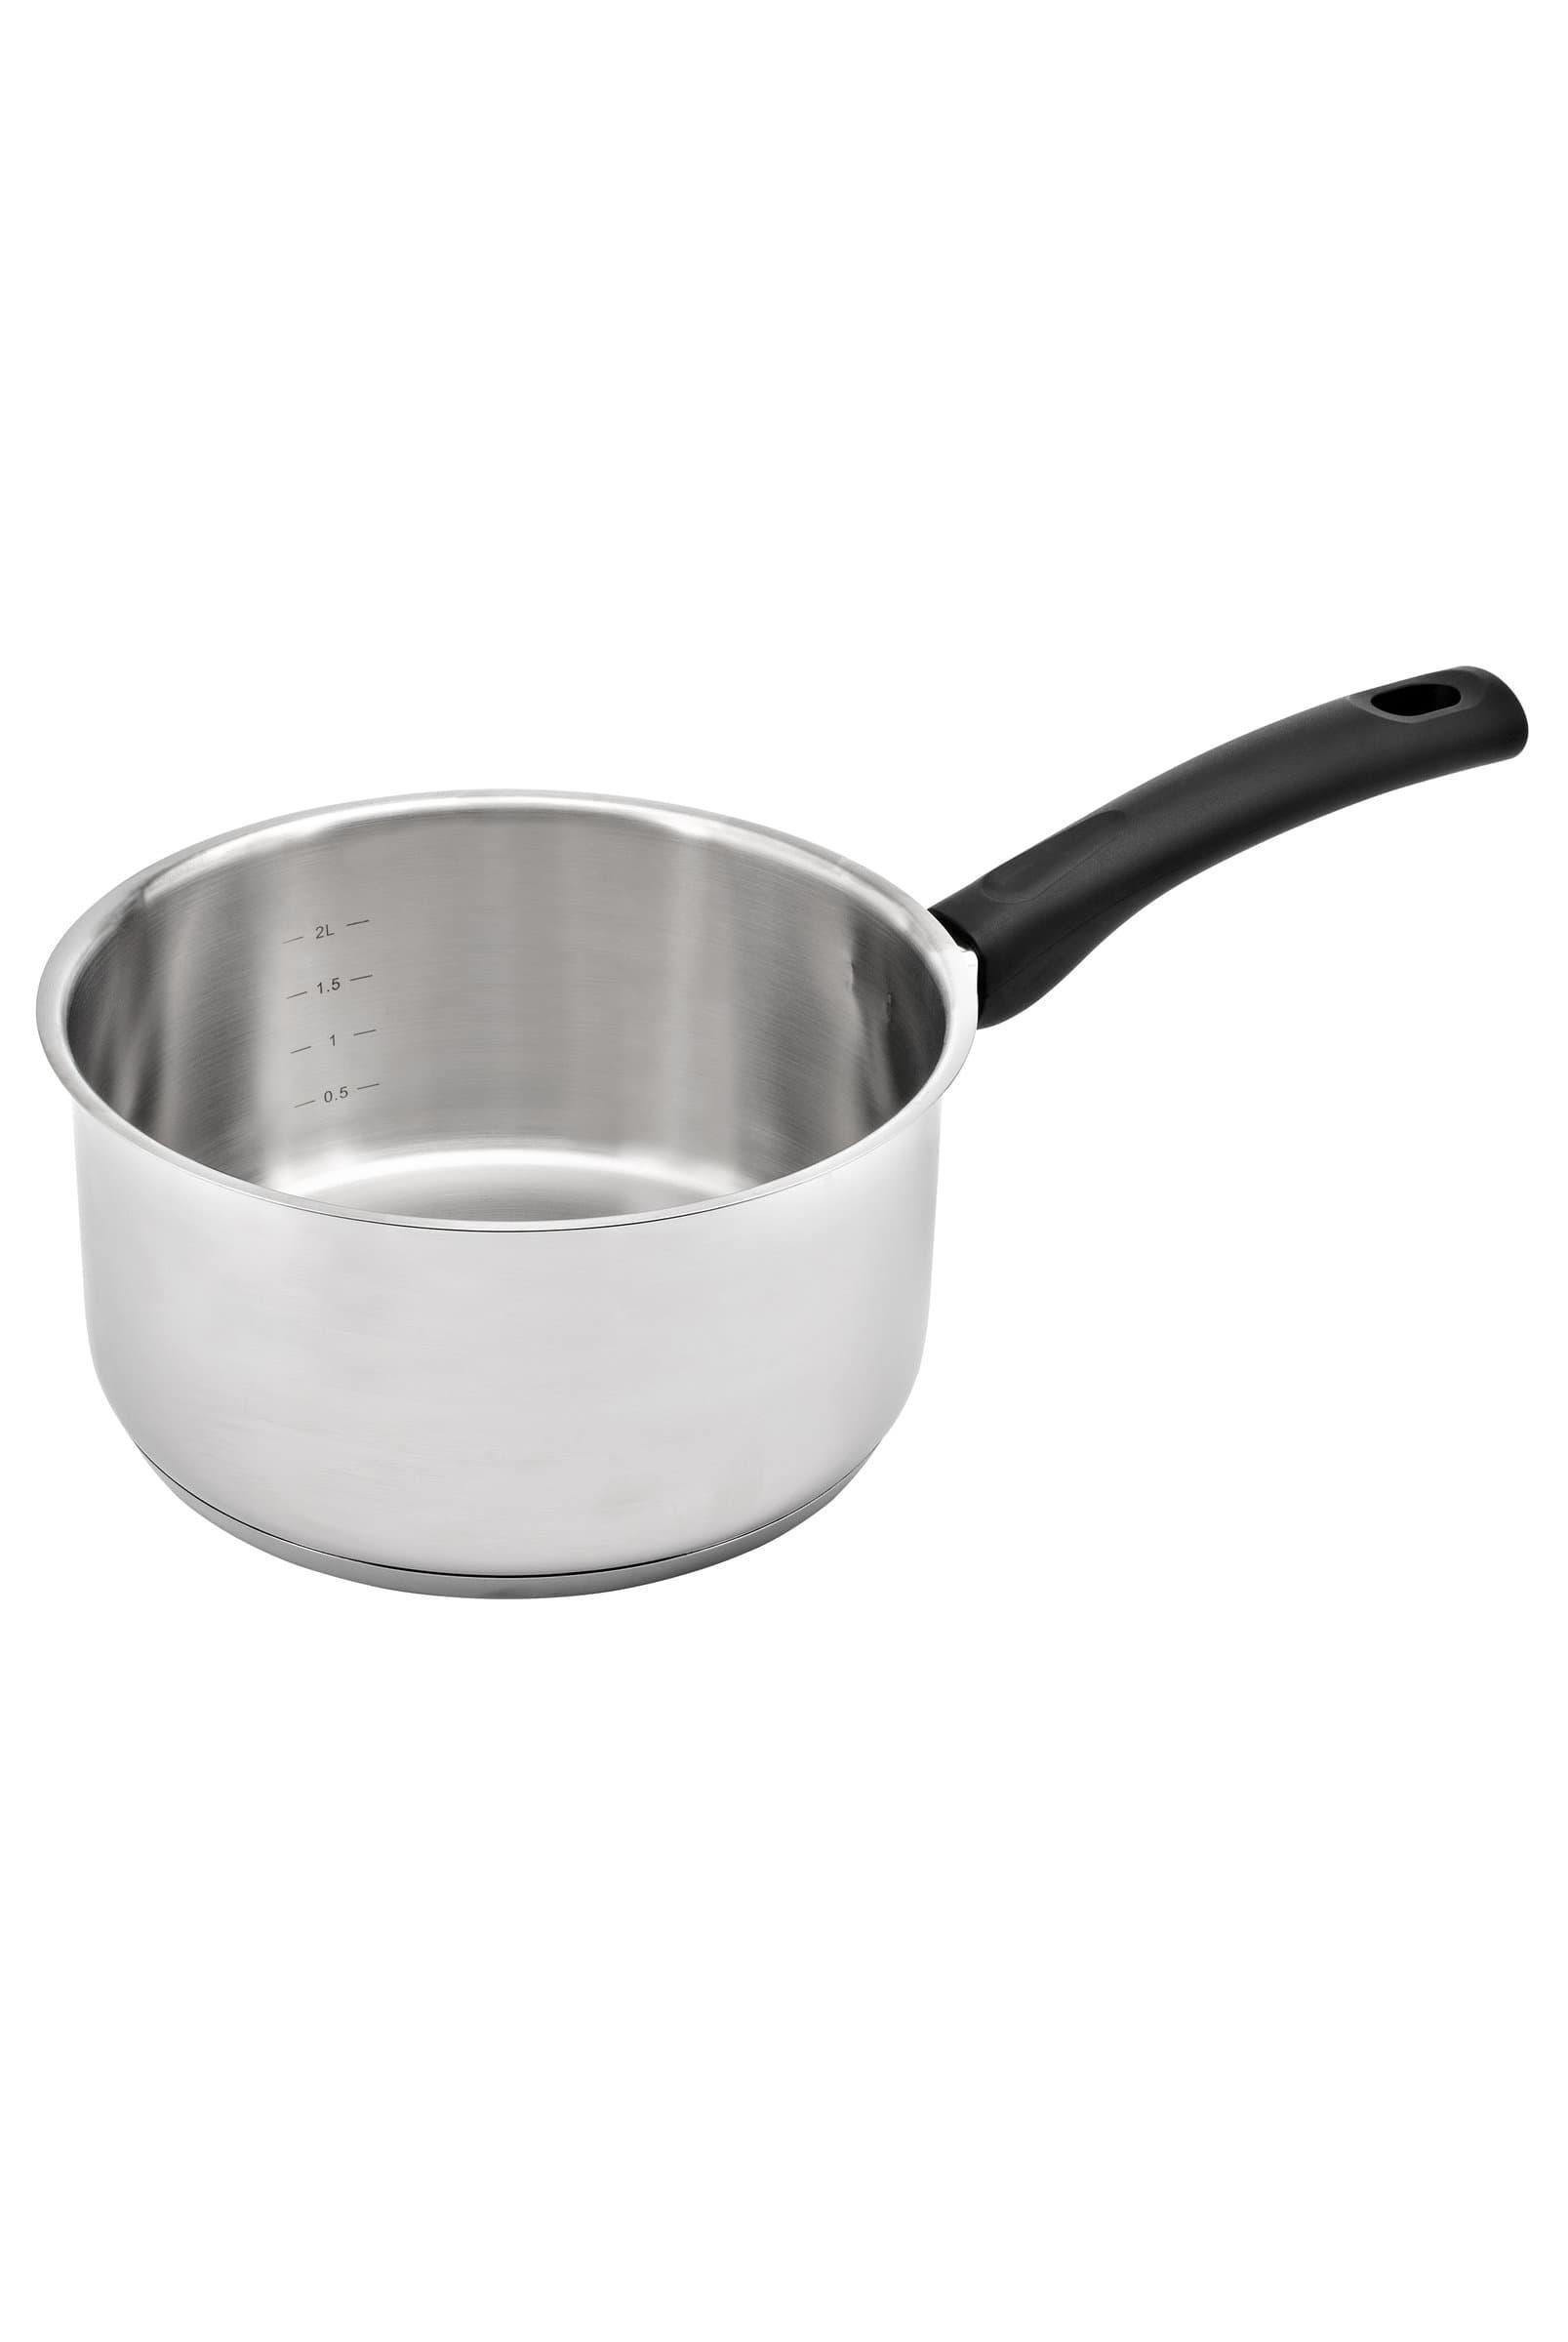 Cucina & Tavola PRIMA Casserole 20cm